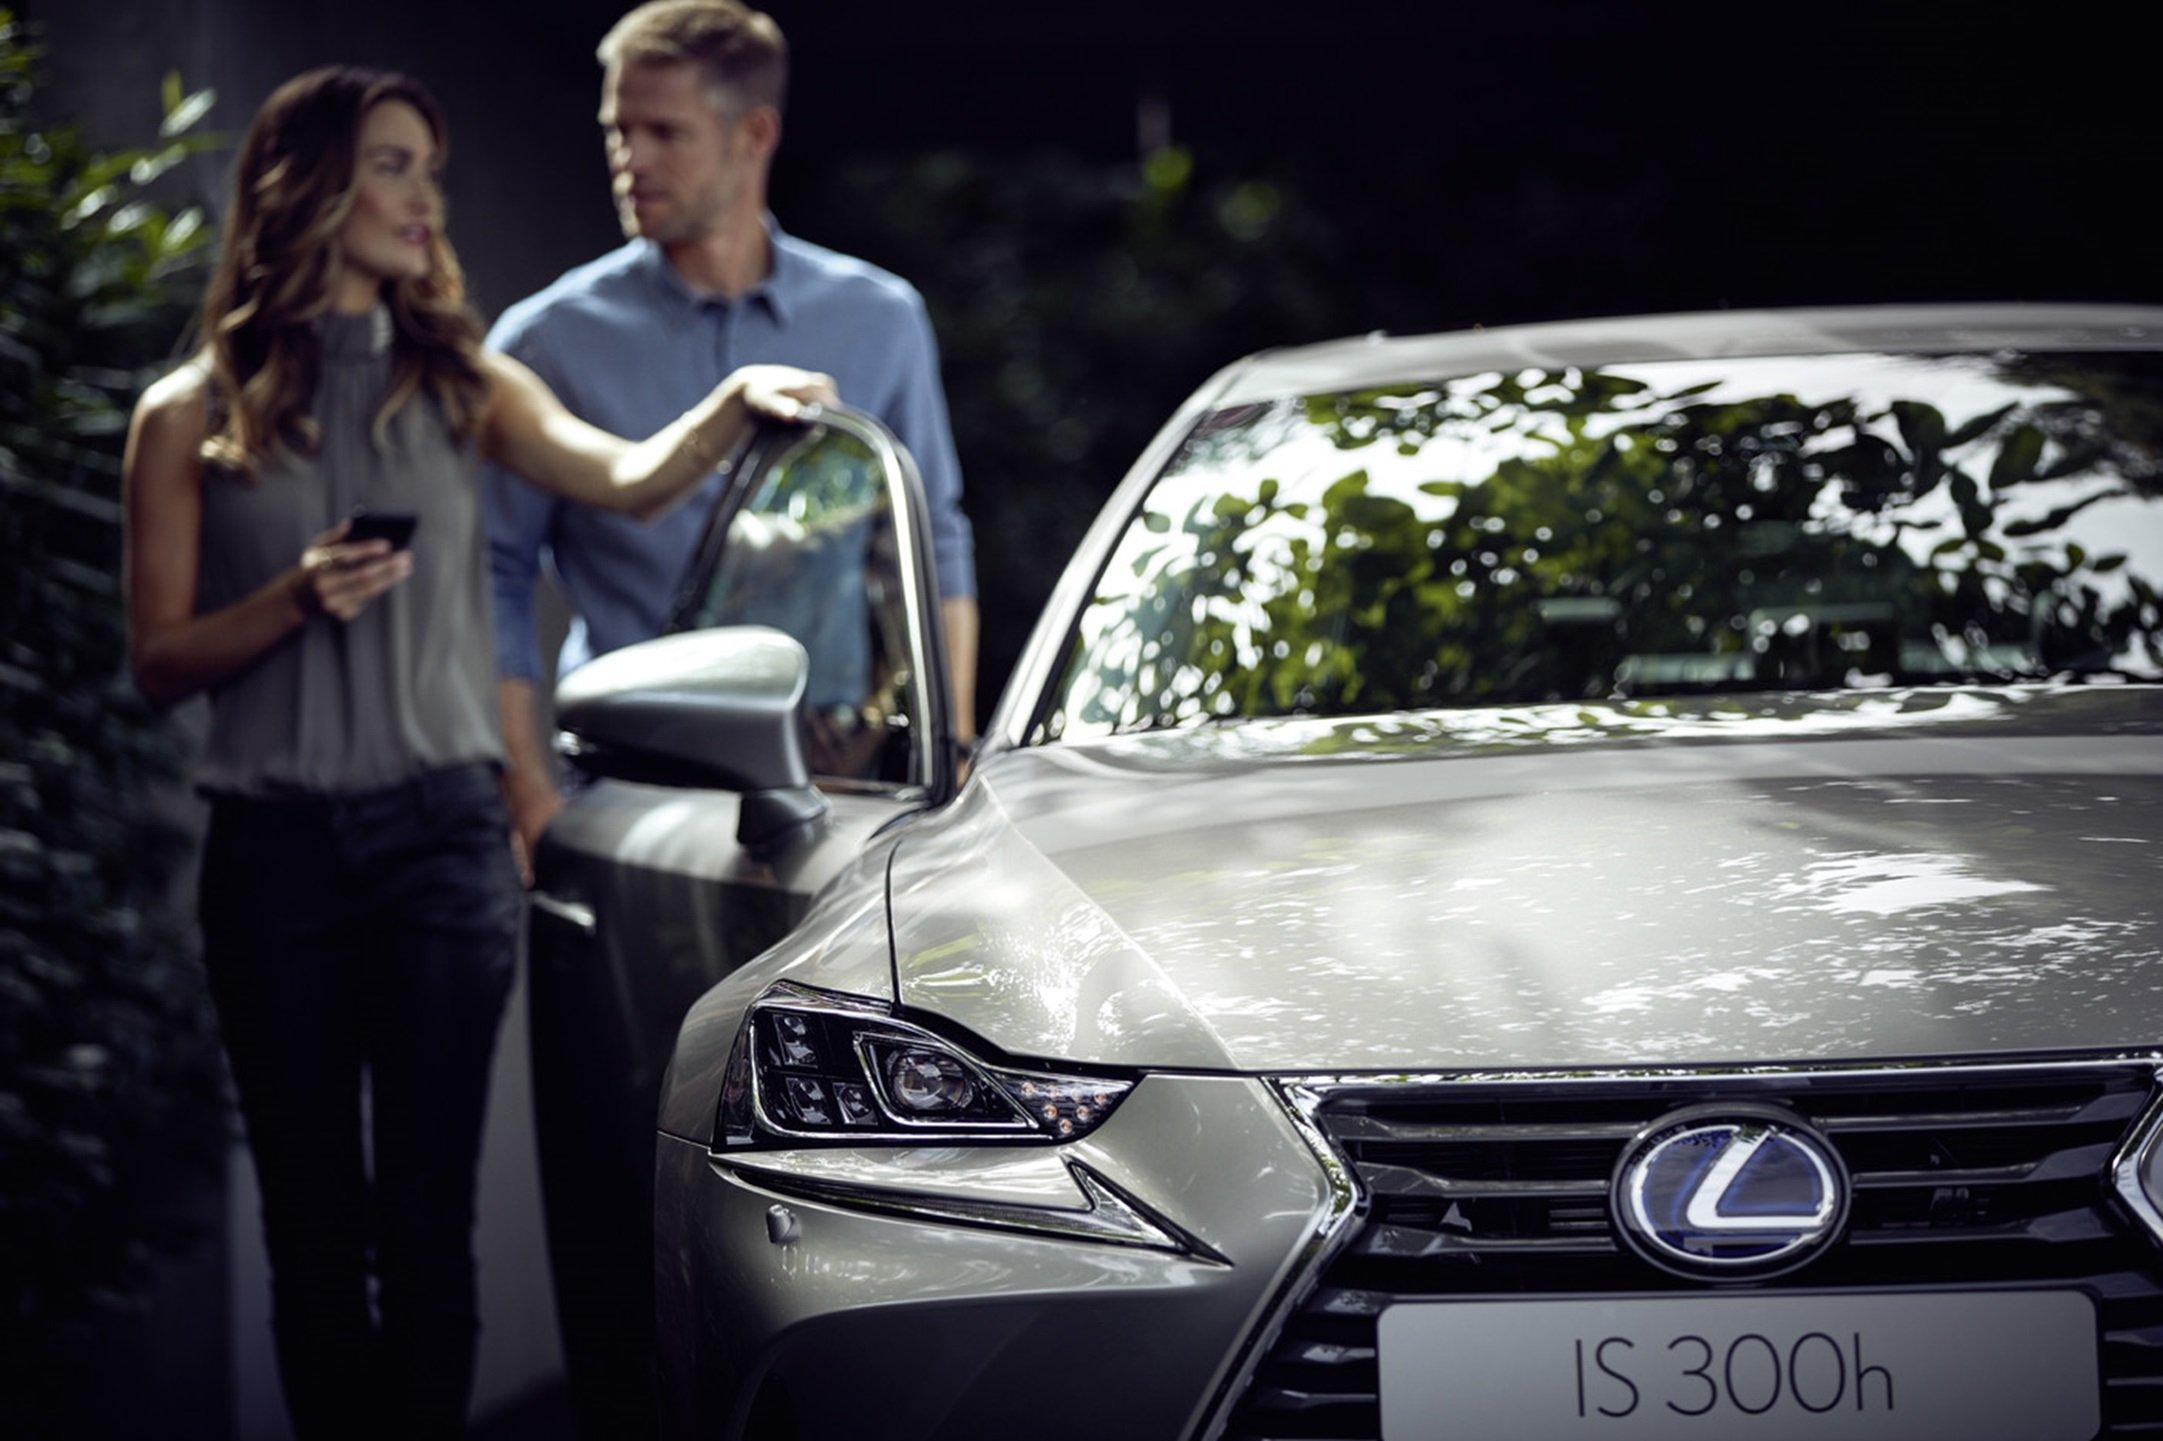 Vista frontal de una pareja de propietarios del nuevo Lexus IS 300h gris junto al vehículo